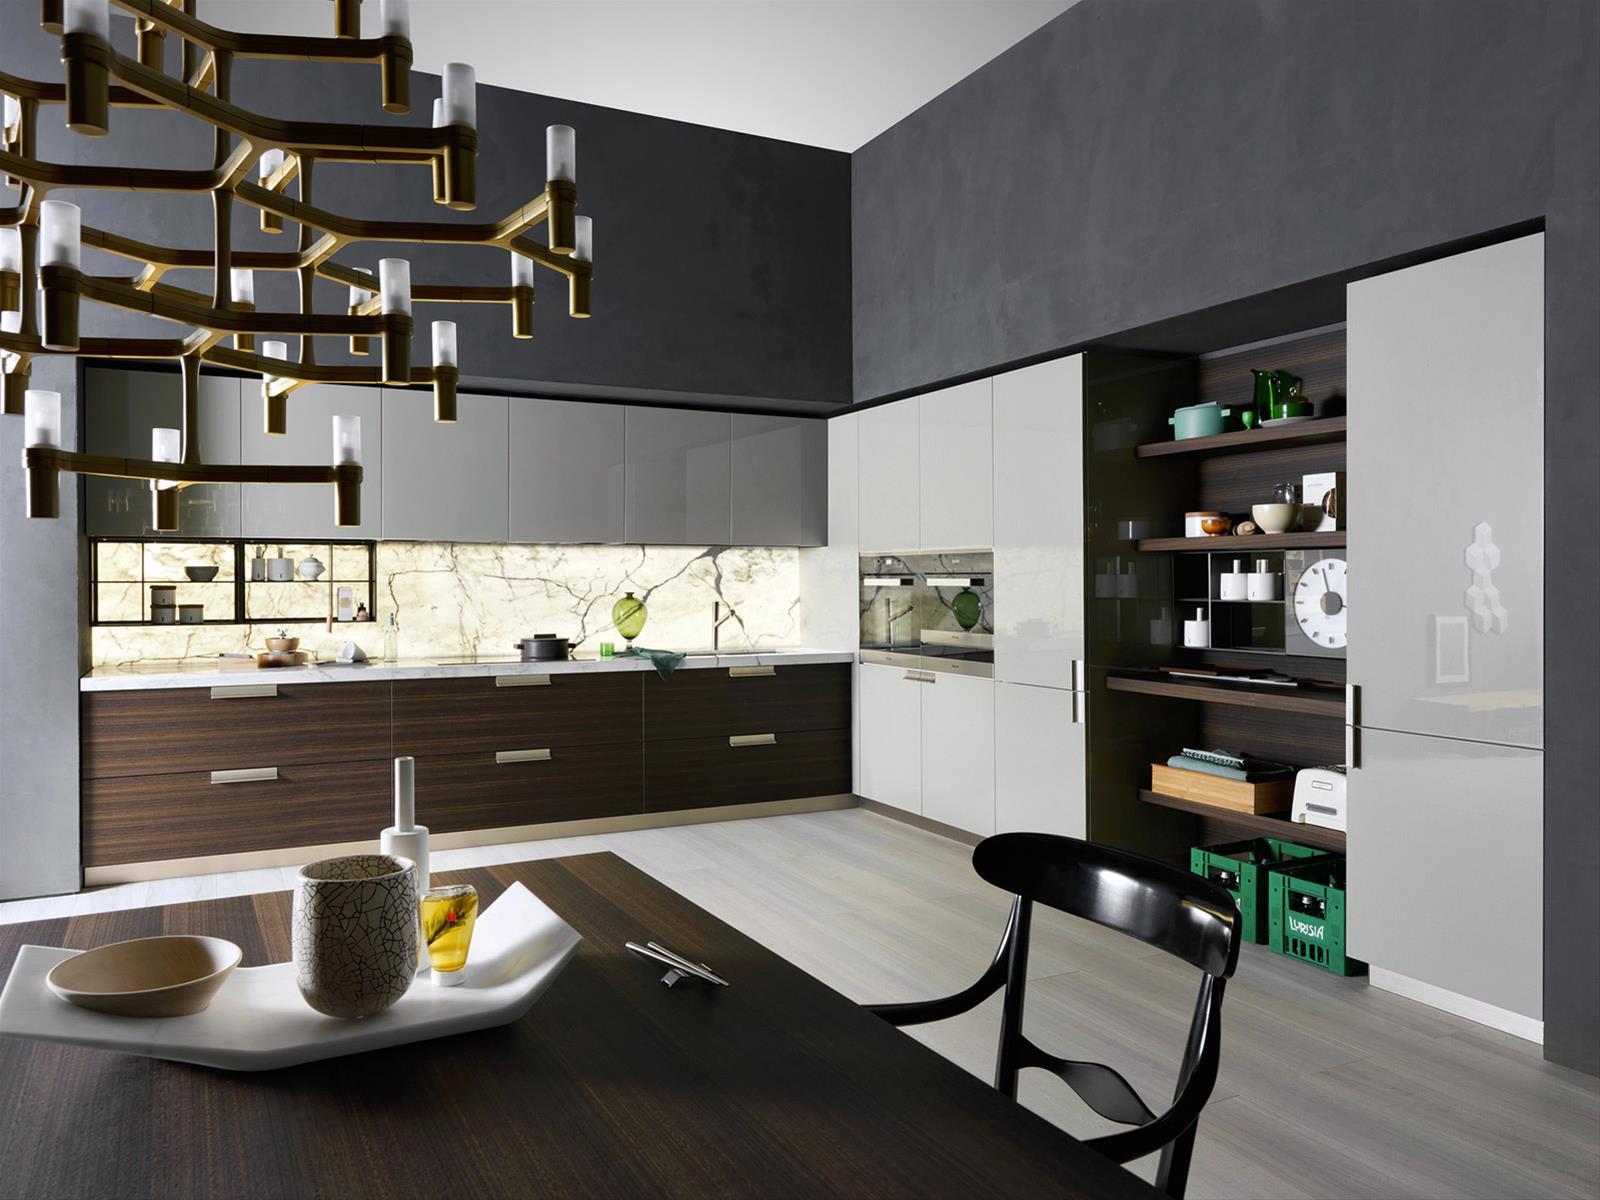 Indada dada cucine cucine design moderno nicola gallizia for Cucine design